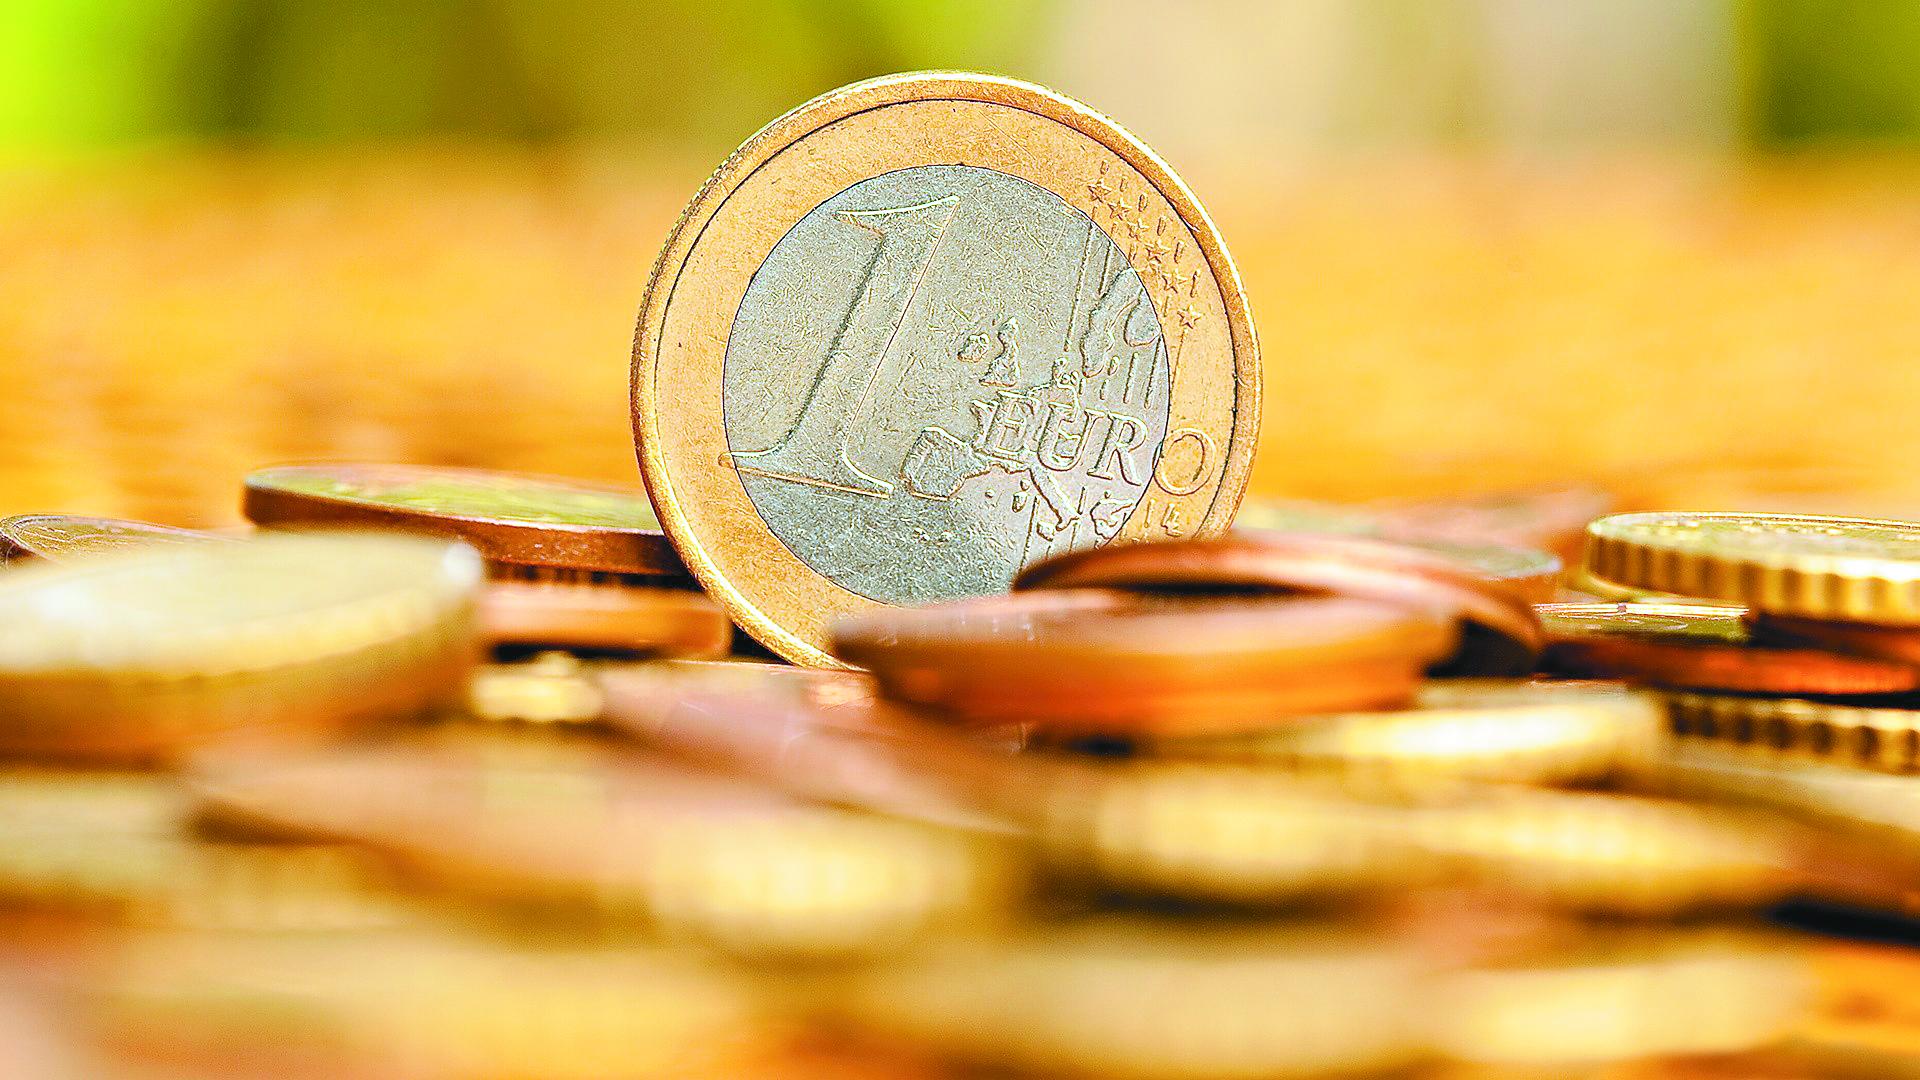 Στο 1,05 δισ. ευρώ το έλλειμμα τρεχουσών συναλλαγών | tovima.gr